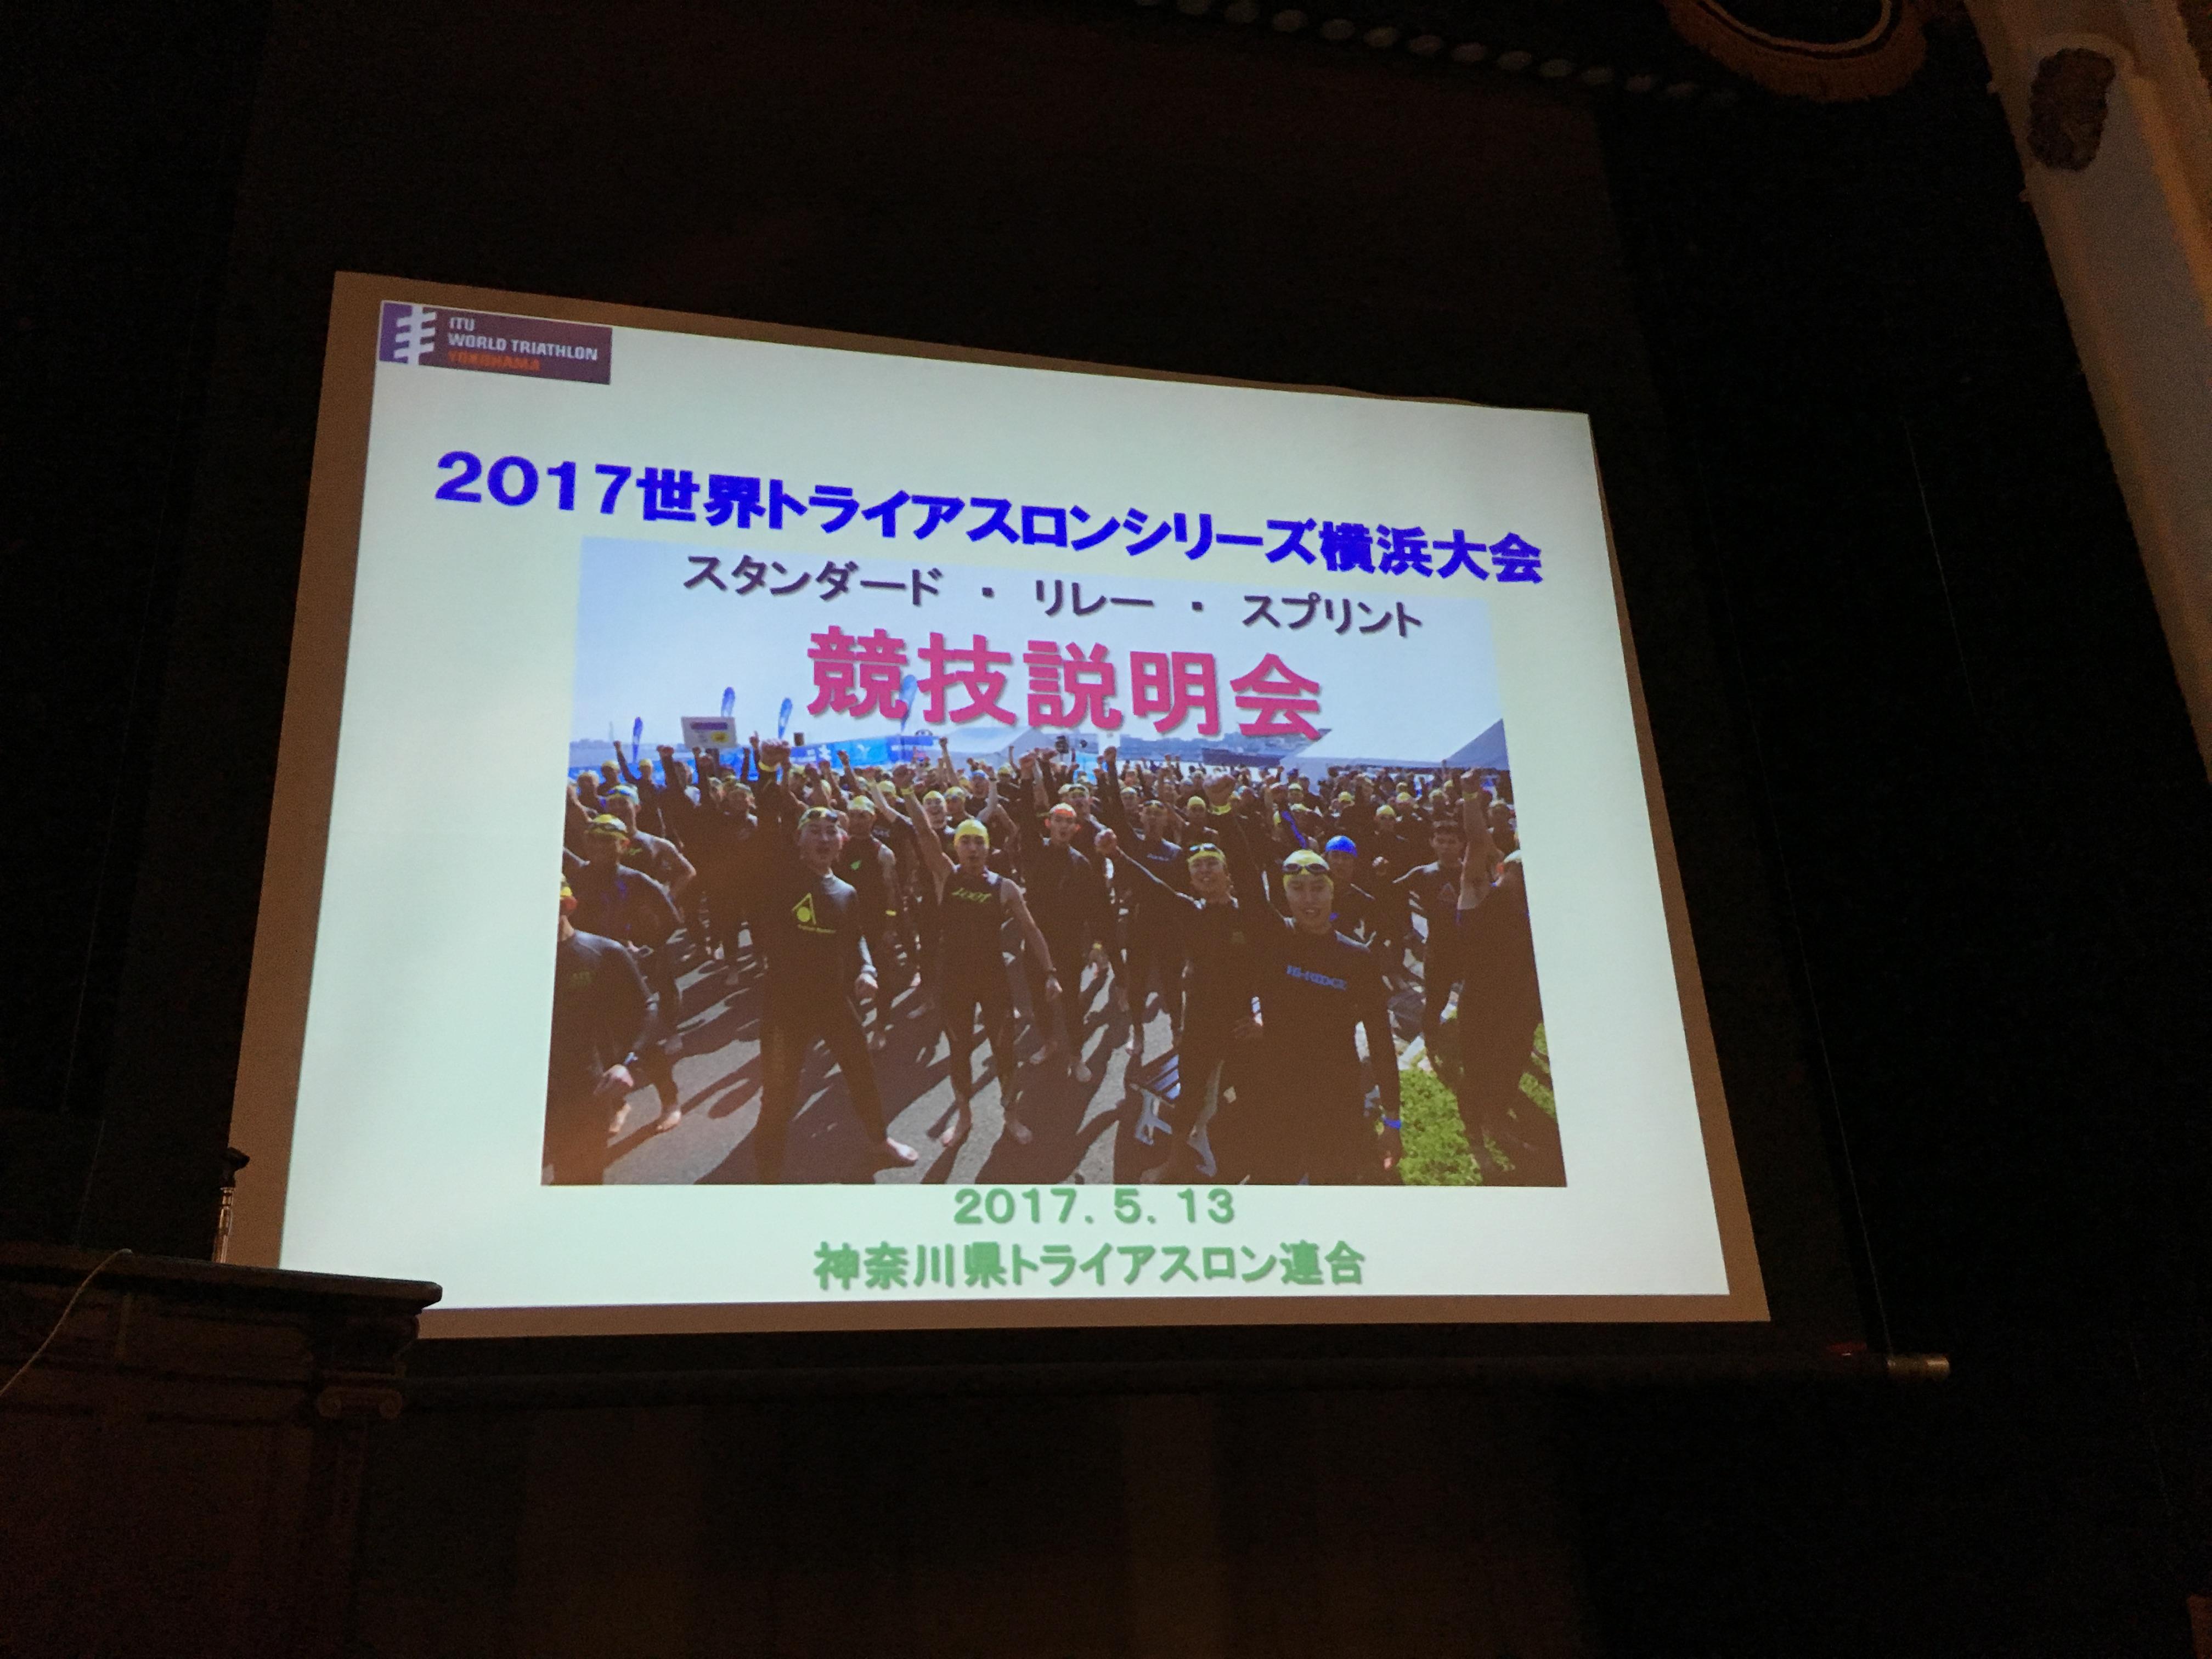 2017年横浜トライアスロンDNF記。